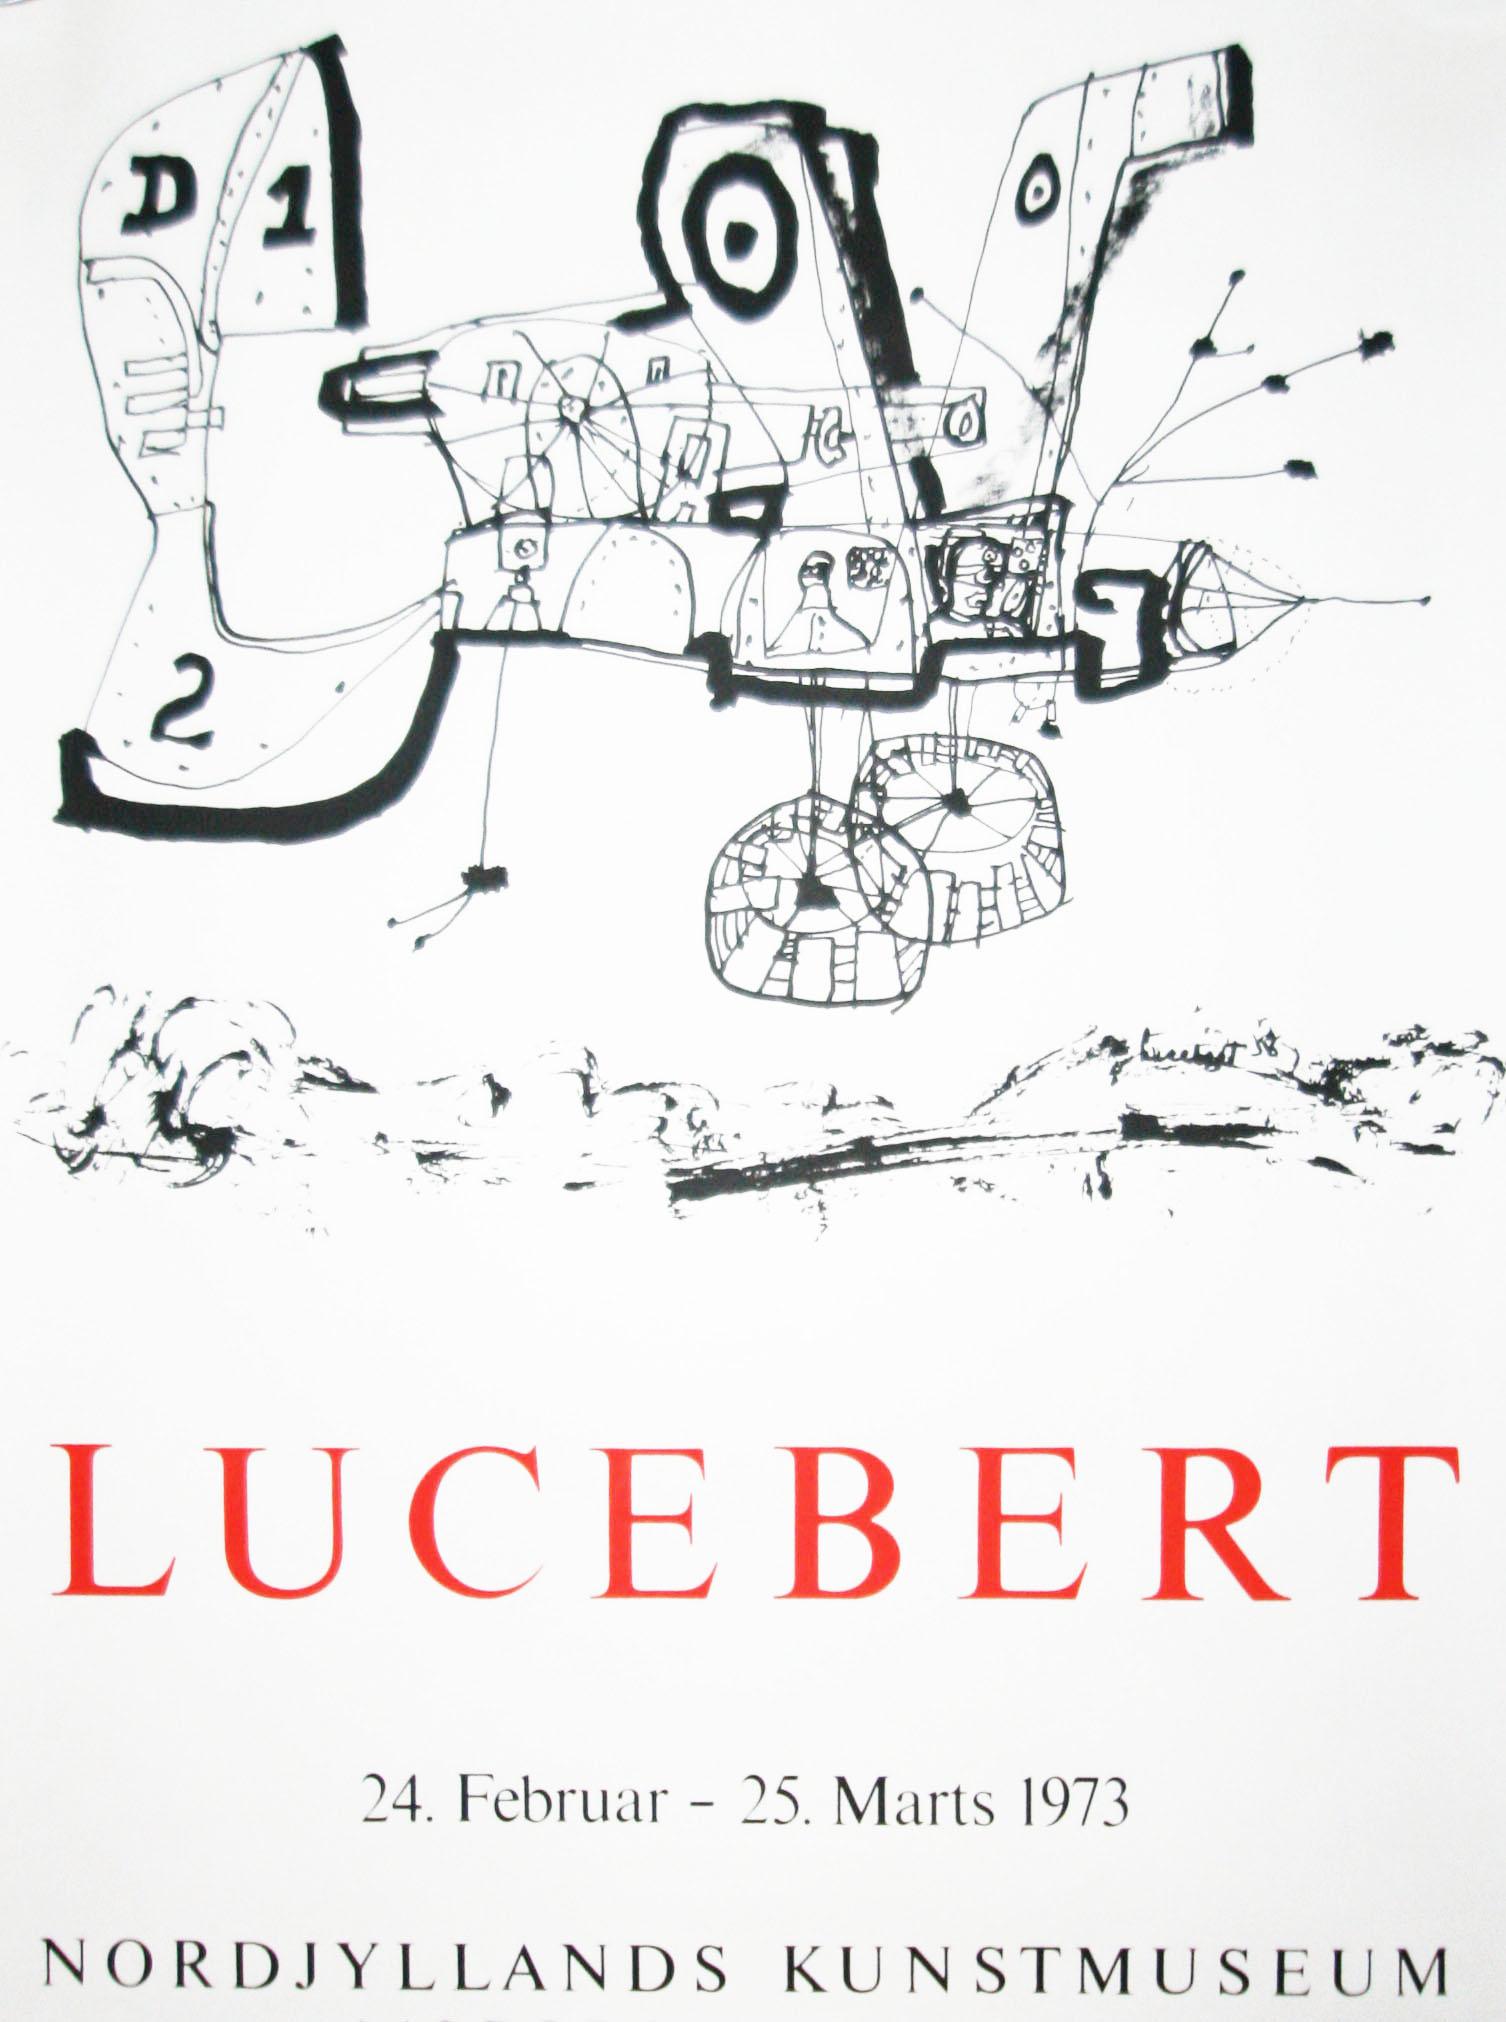 lucebert plakat nordjyllands kunstmuseum